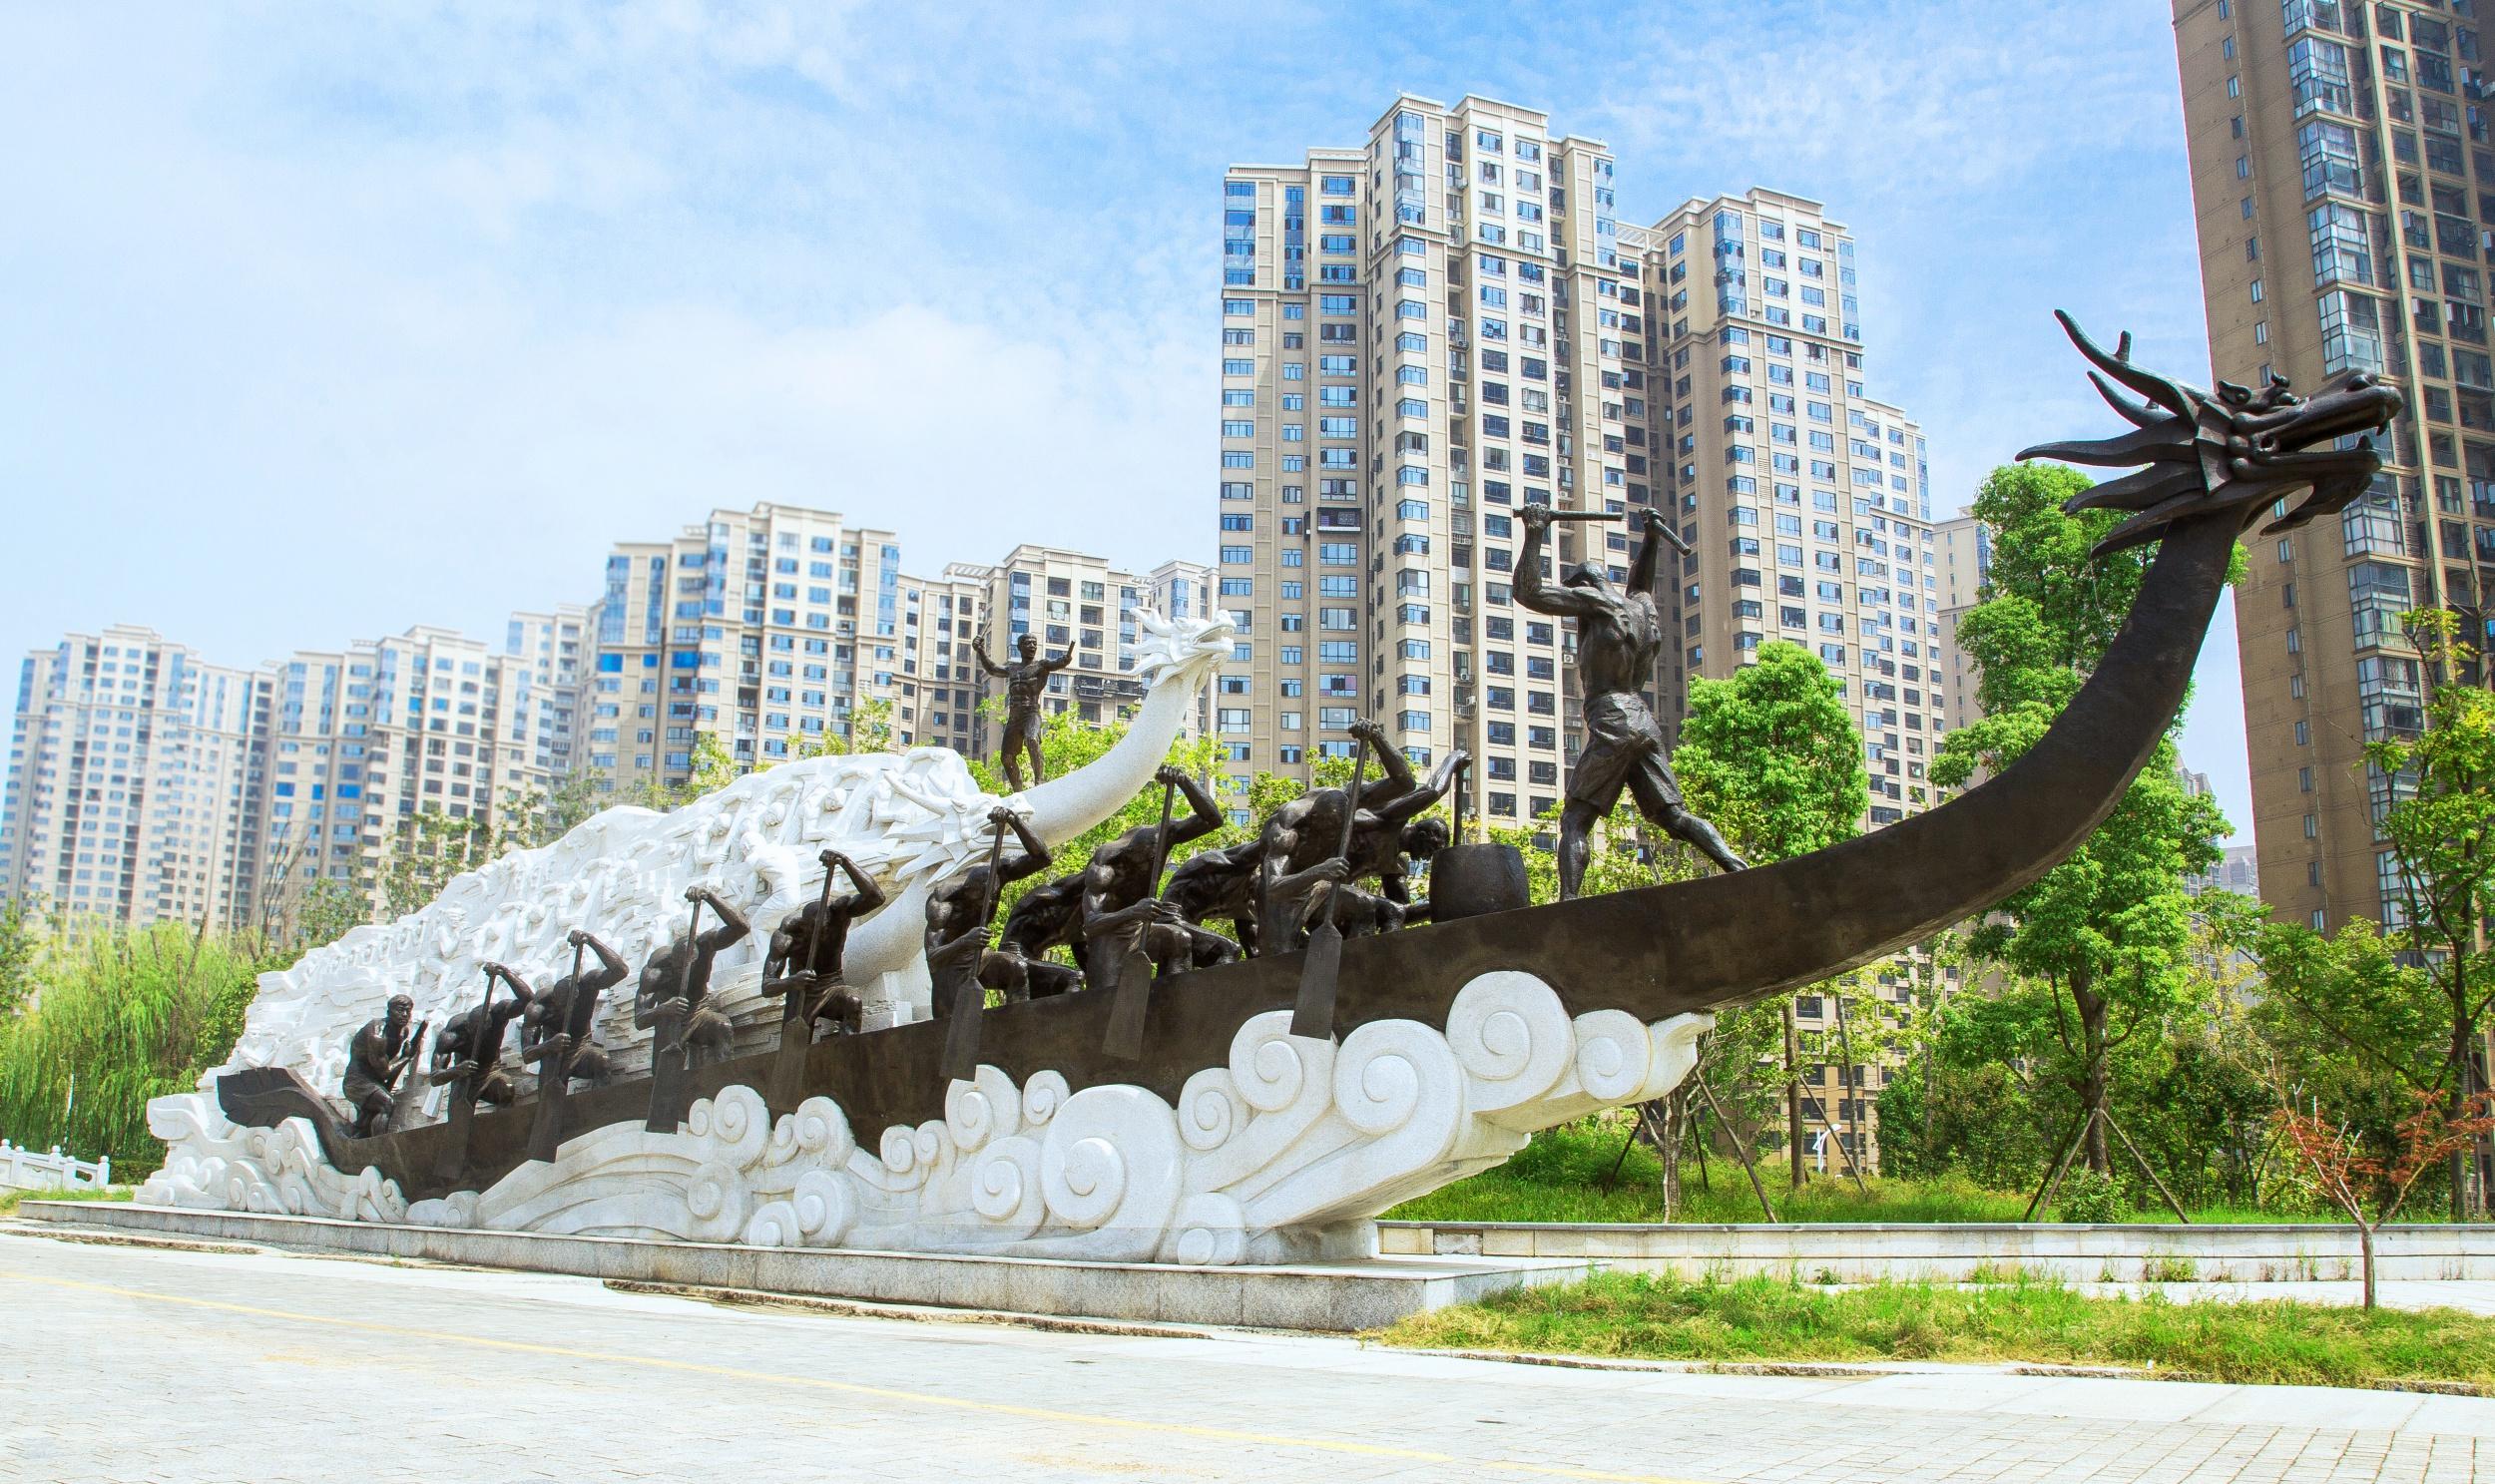 浏阳河风光带赛龙舟雕塑工程